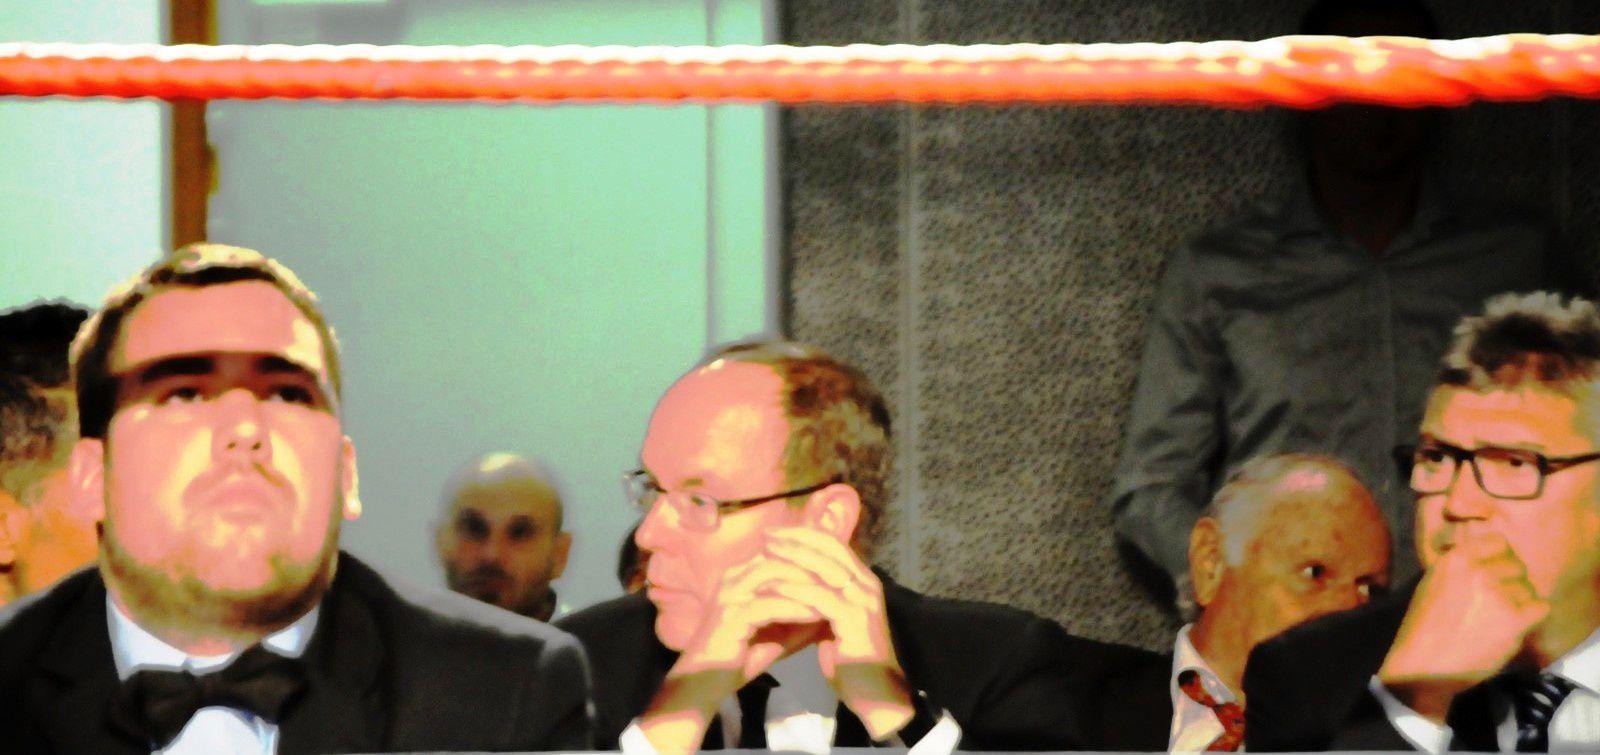 SAS le Prince Albert II était présent à la soirée de boxe